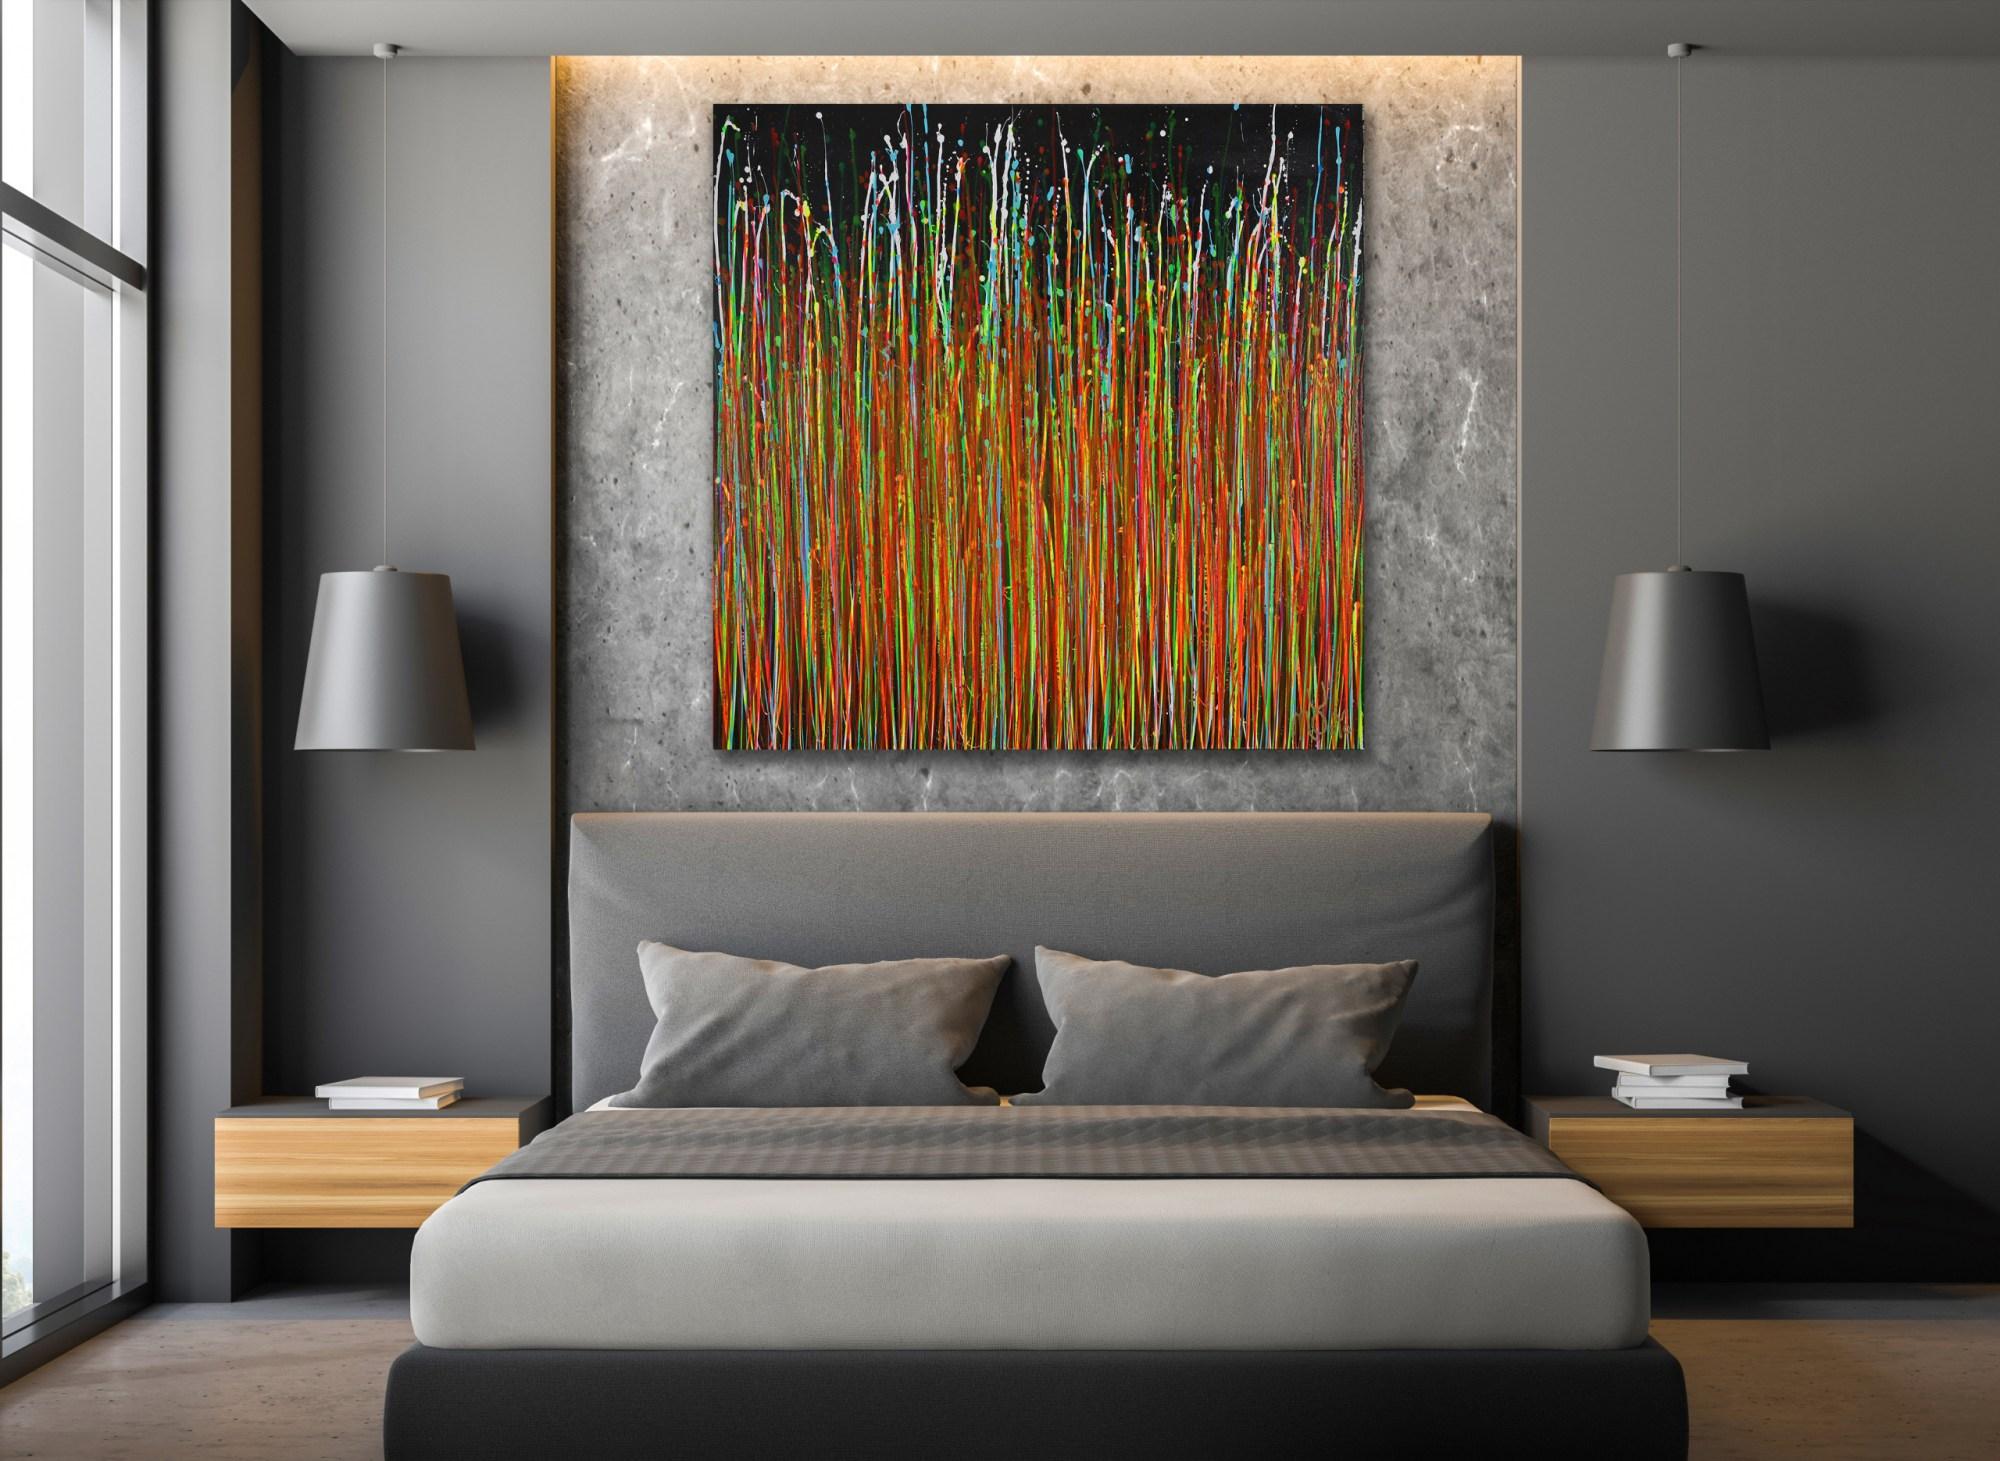 Daydream panorama (Natures Imagery) 29 / (2021) / Nestor Toro